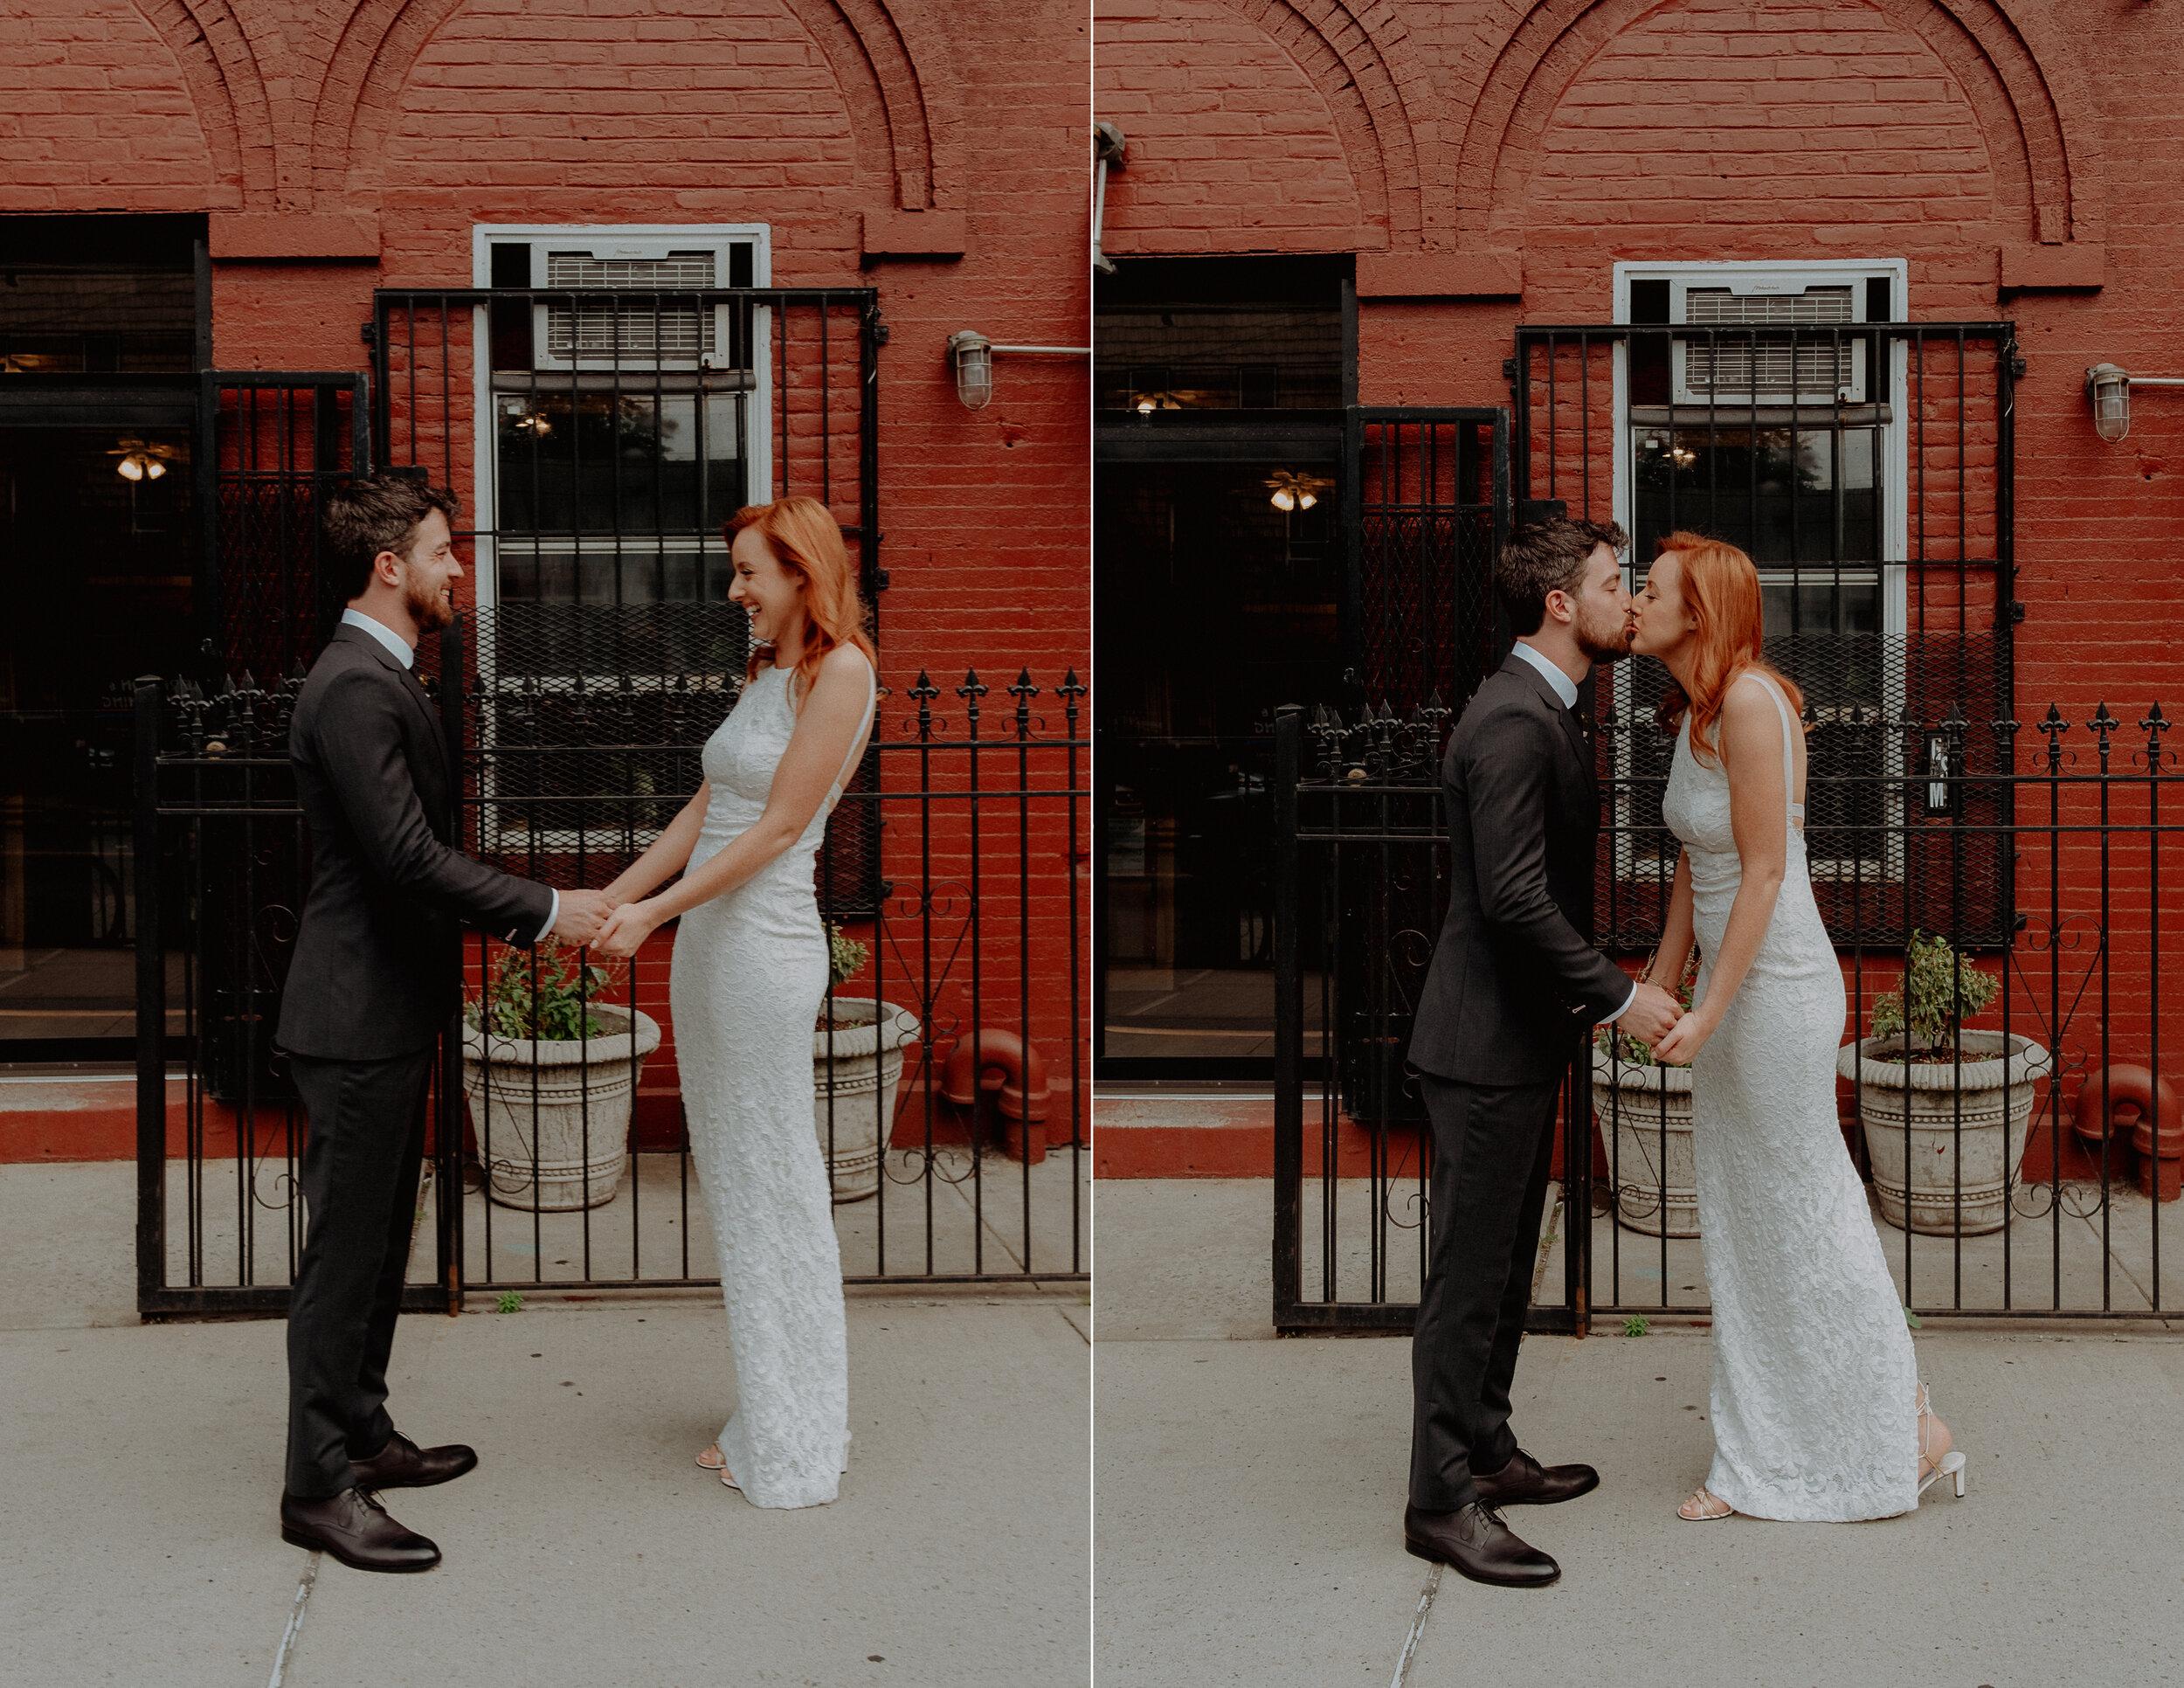 aurora-brooklyn-wedding-photos7.jpg